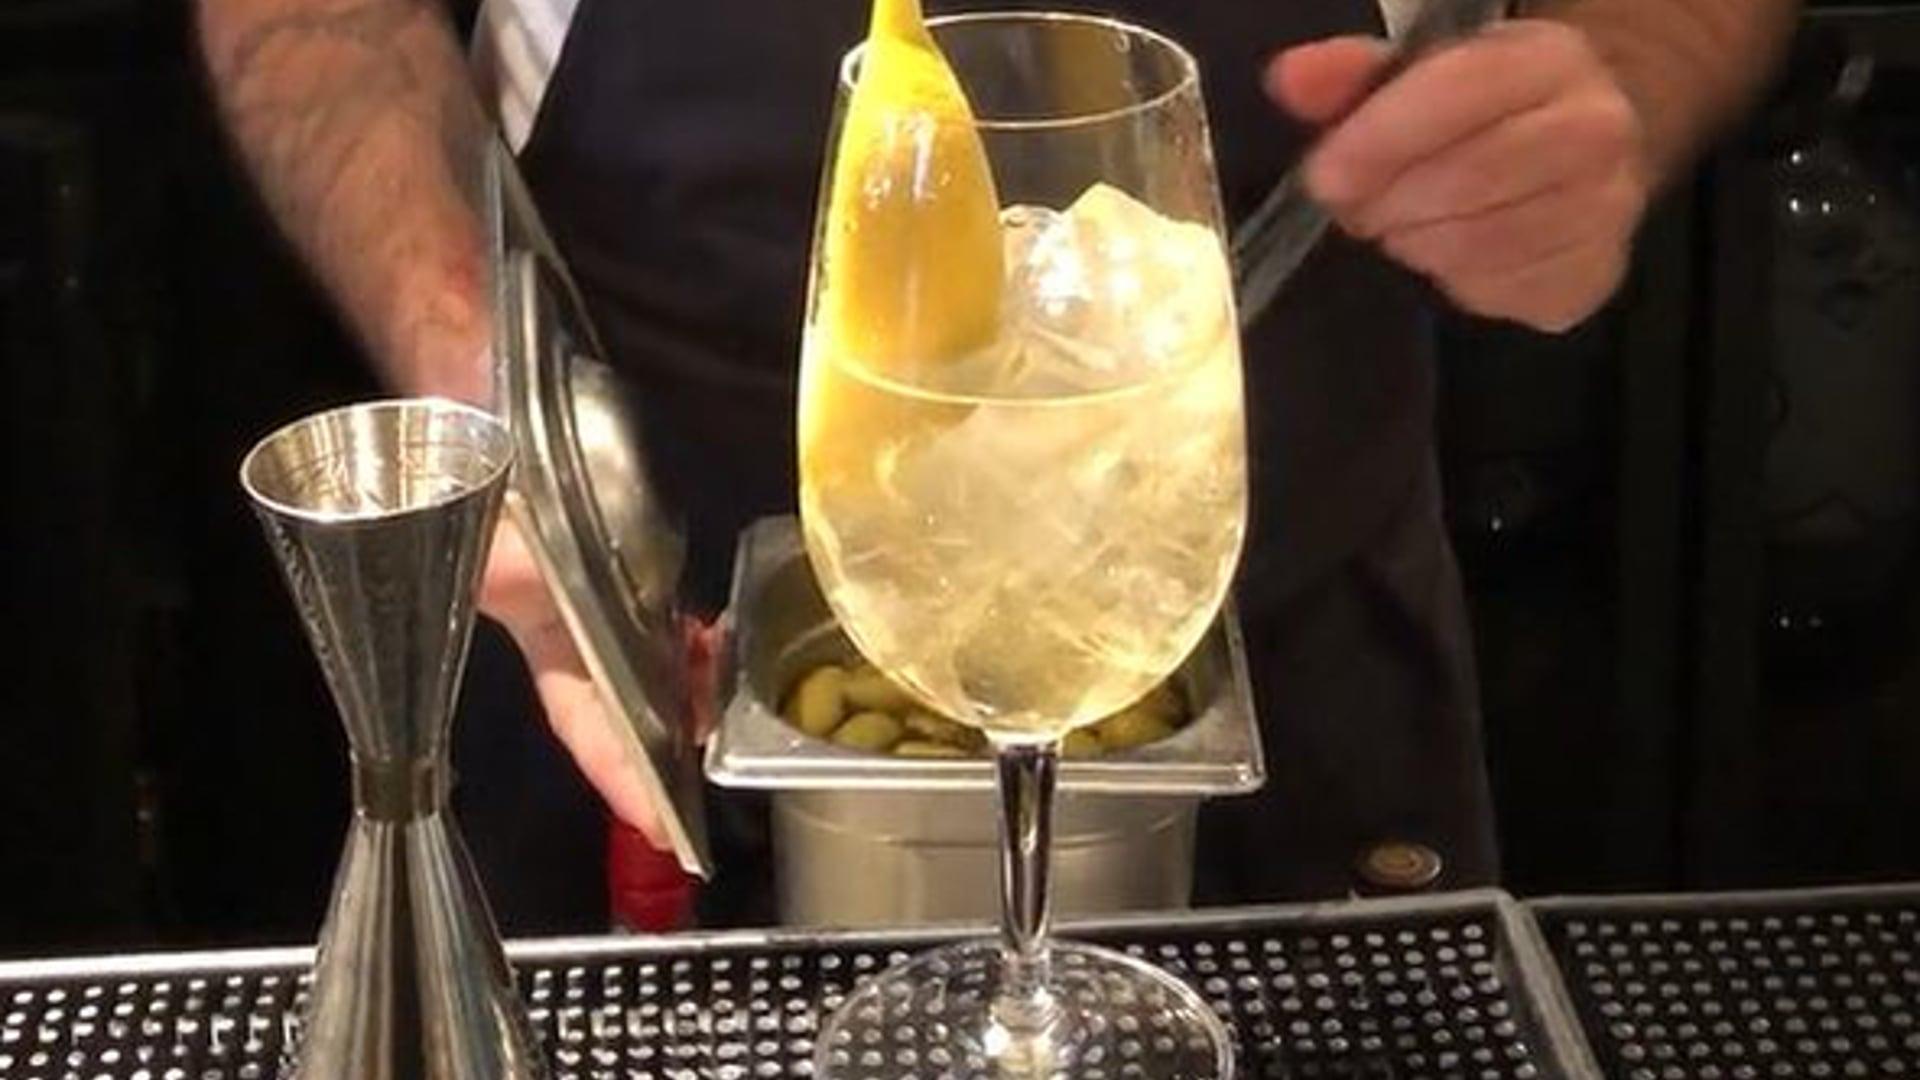 Delicious Aperol spritz alternative at Manteca